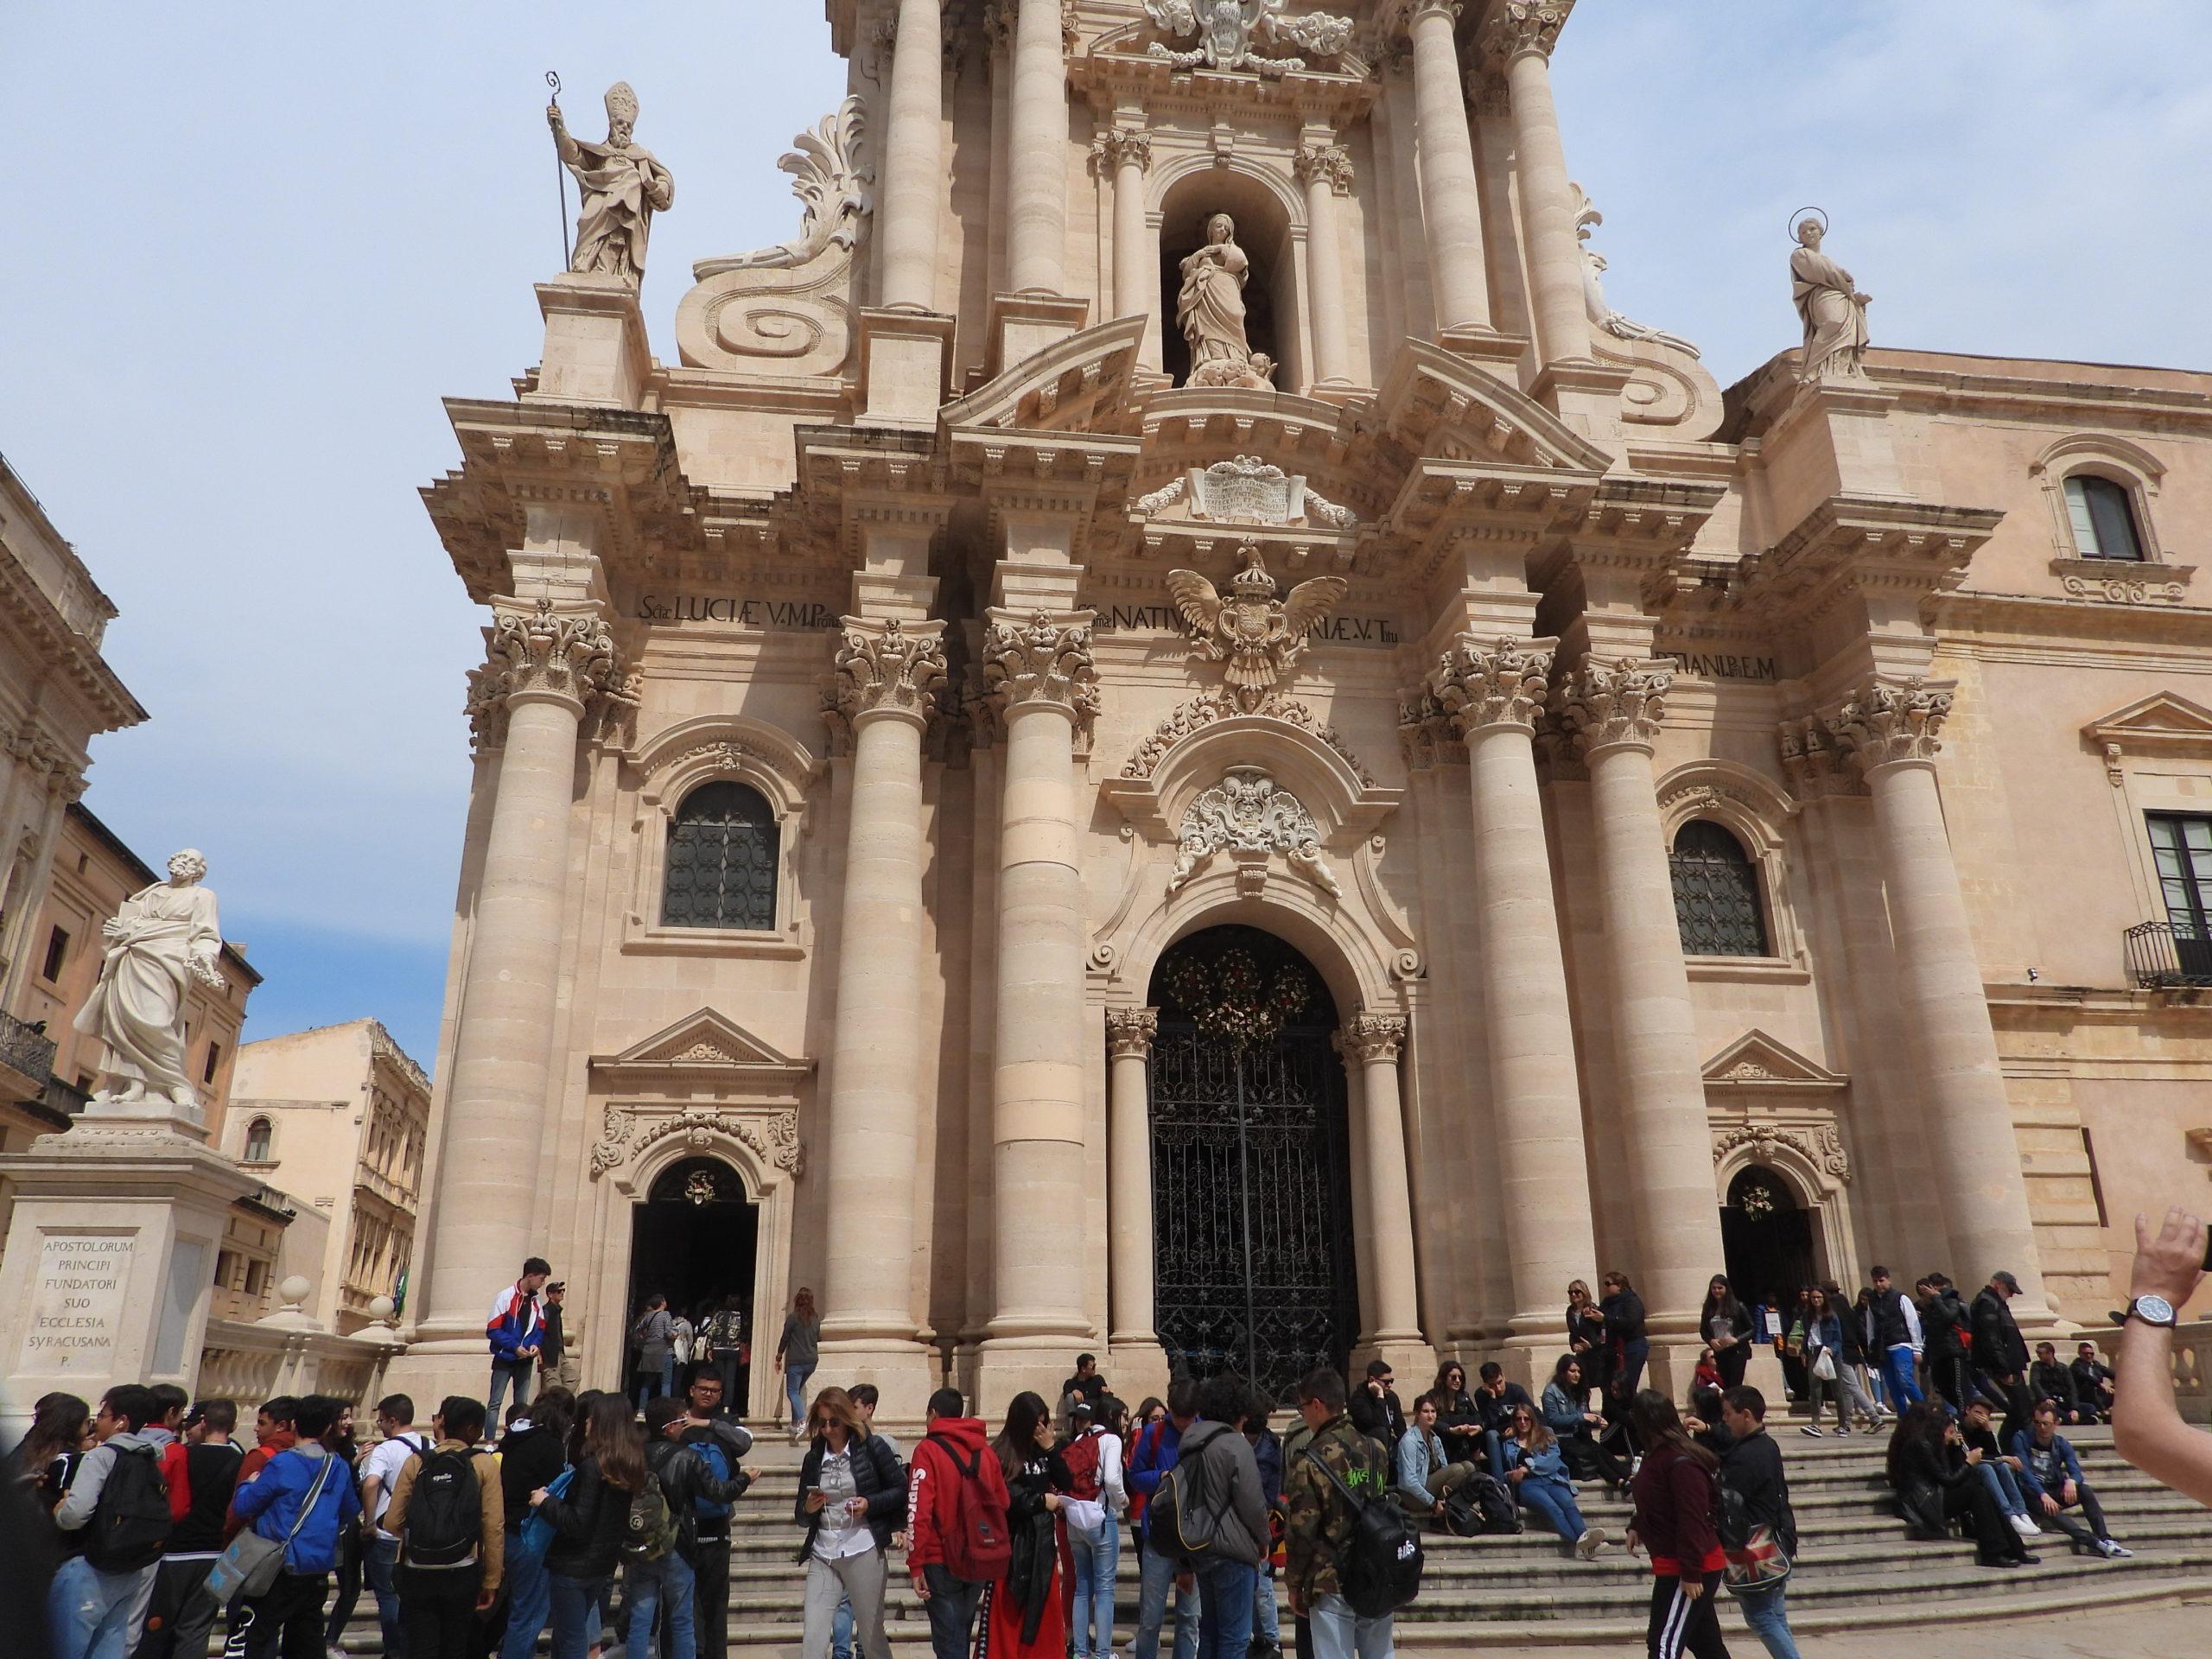 14 mai - ILE D'ORTIGIA - Piazza Duomo (4)